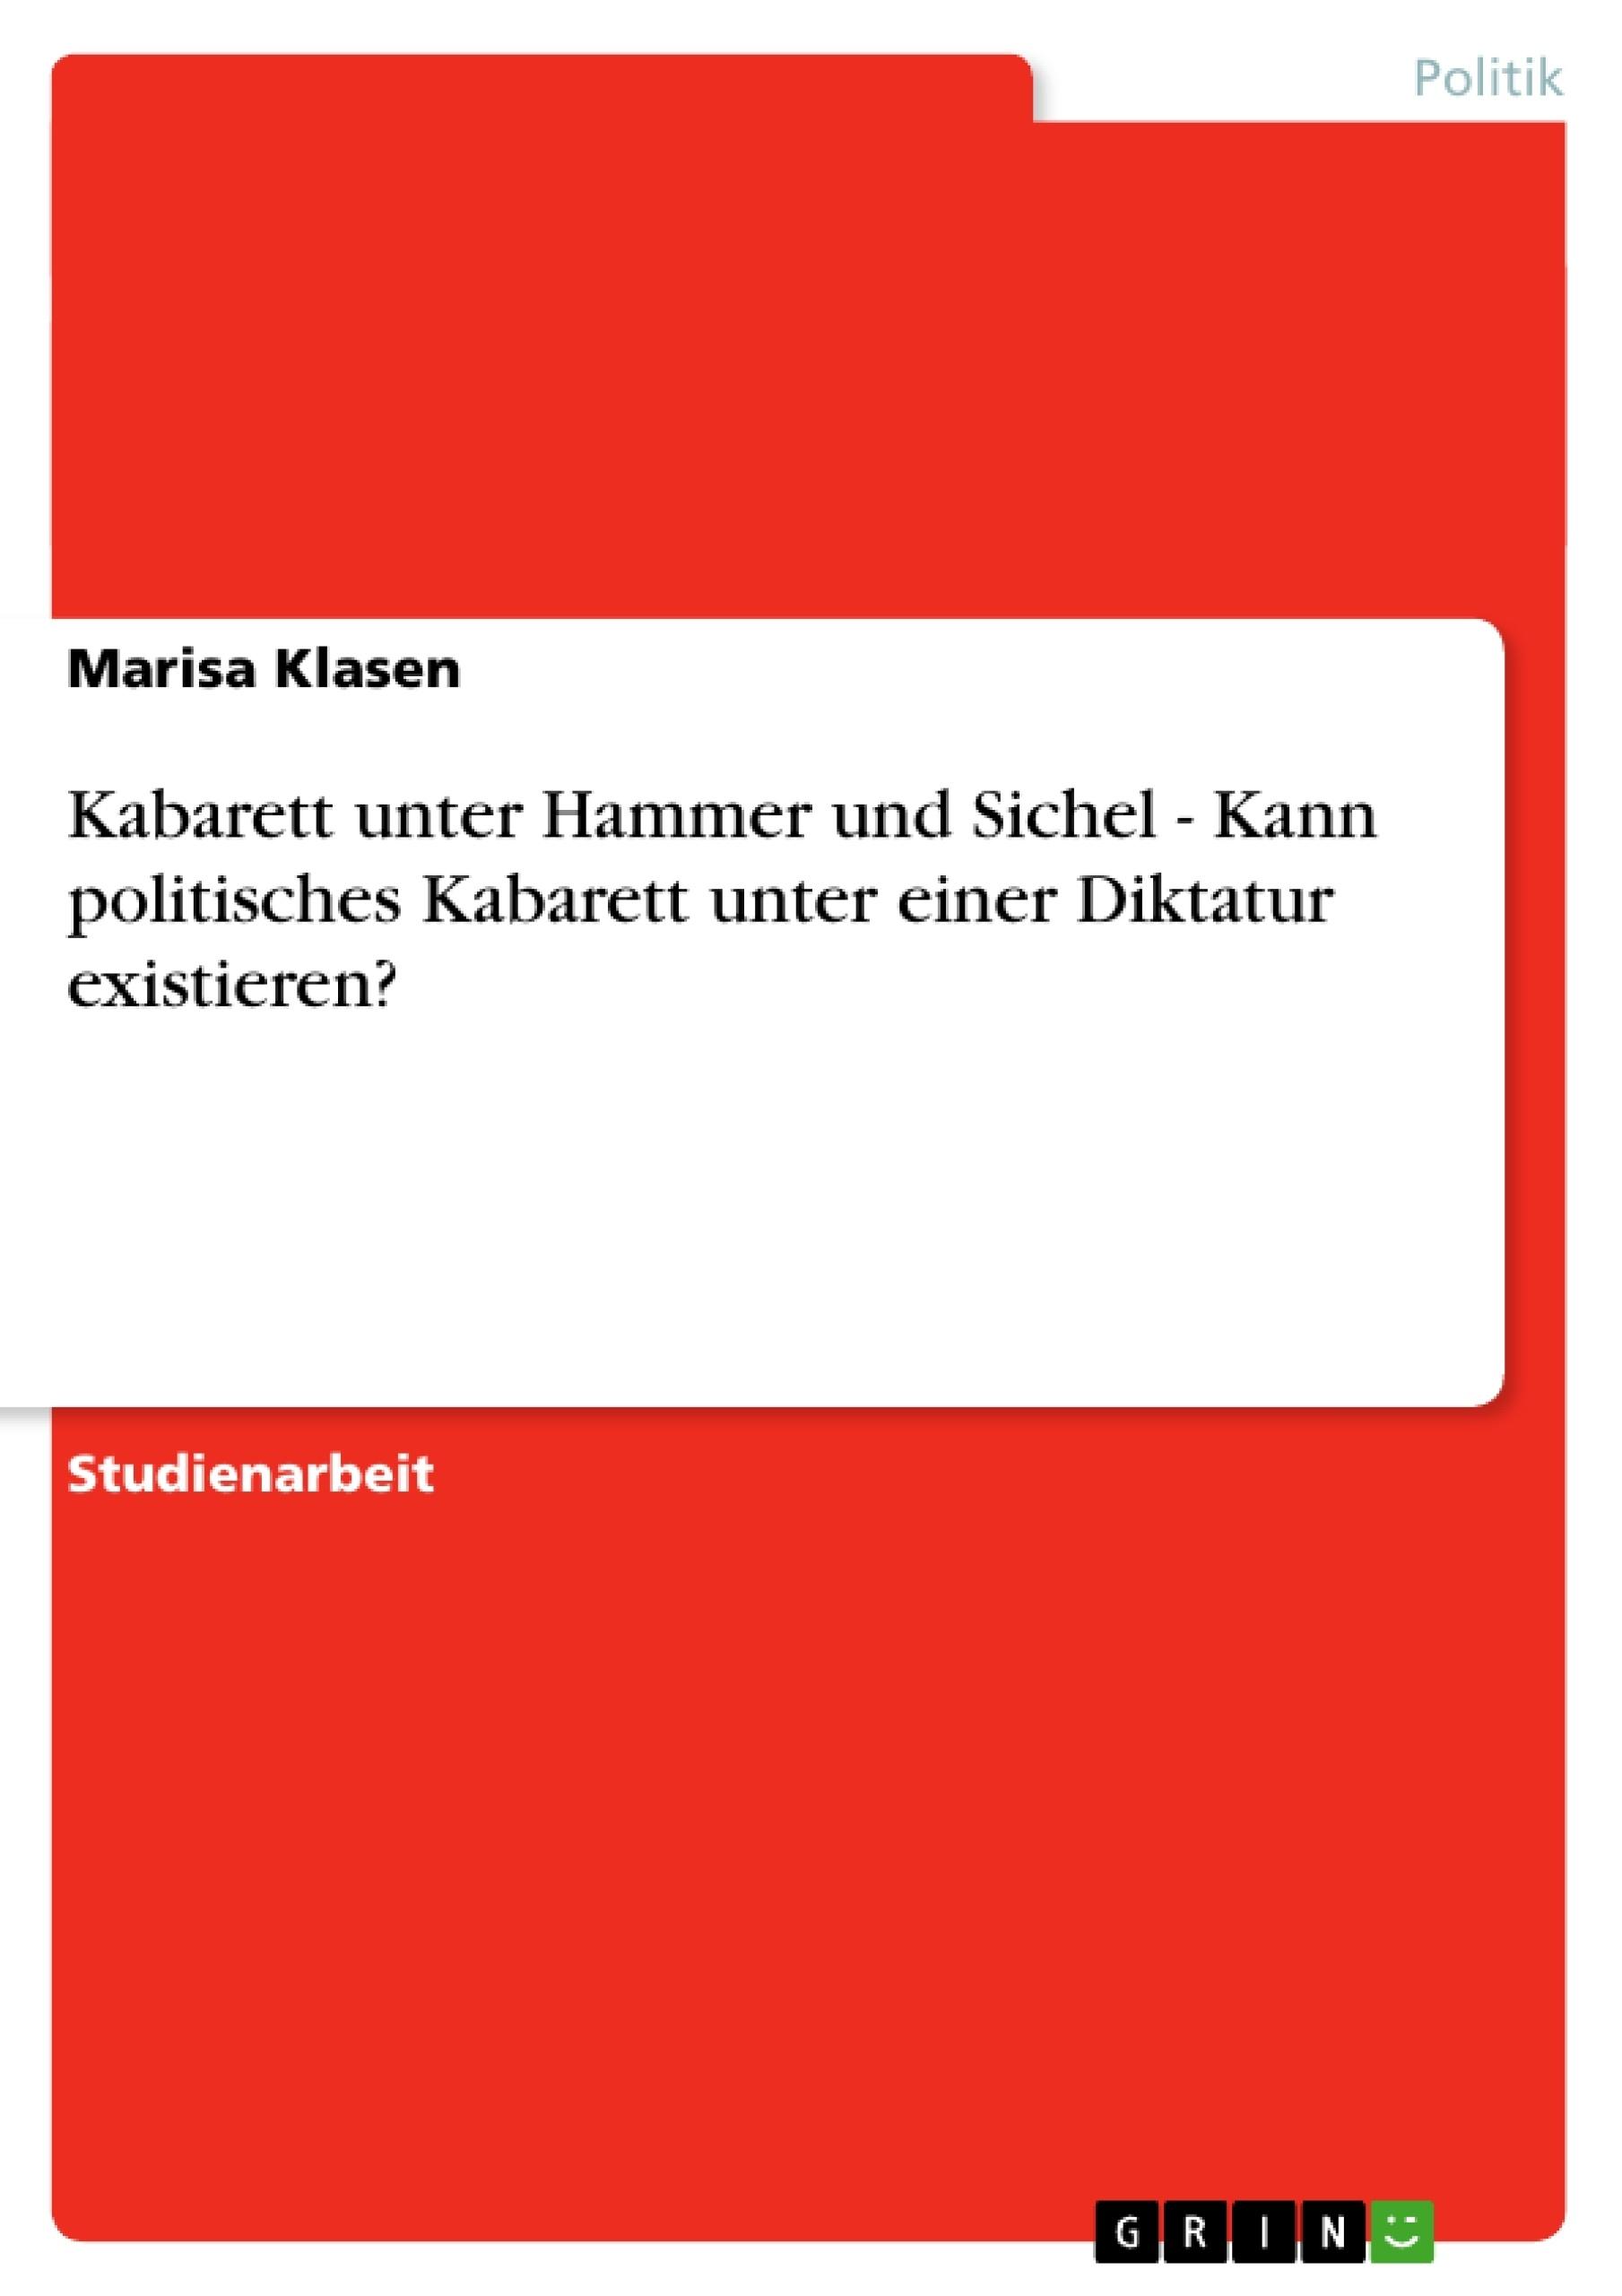 Titel: Kabarett unter Hammer und Sichel - Kann politisches Kabarett unter einer Diktatur existieren?